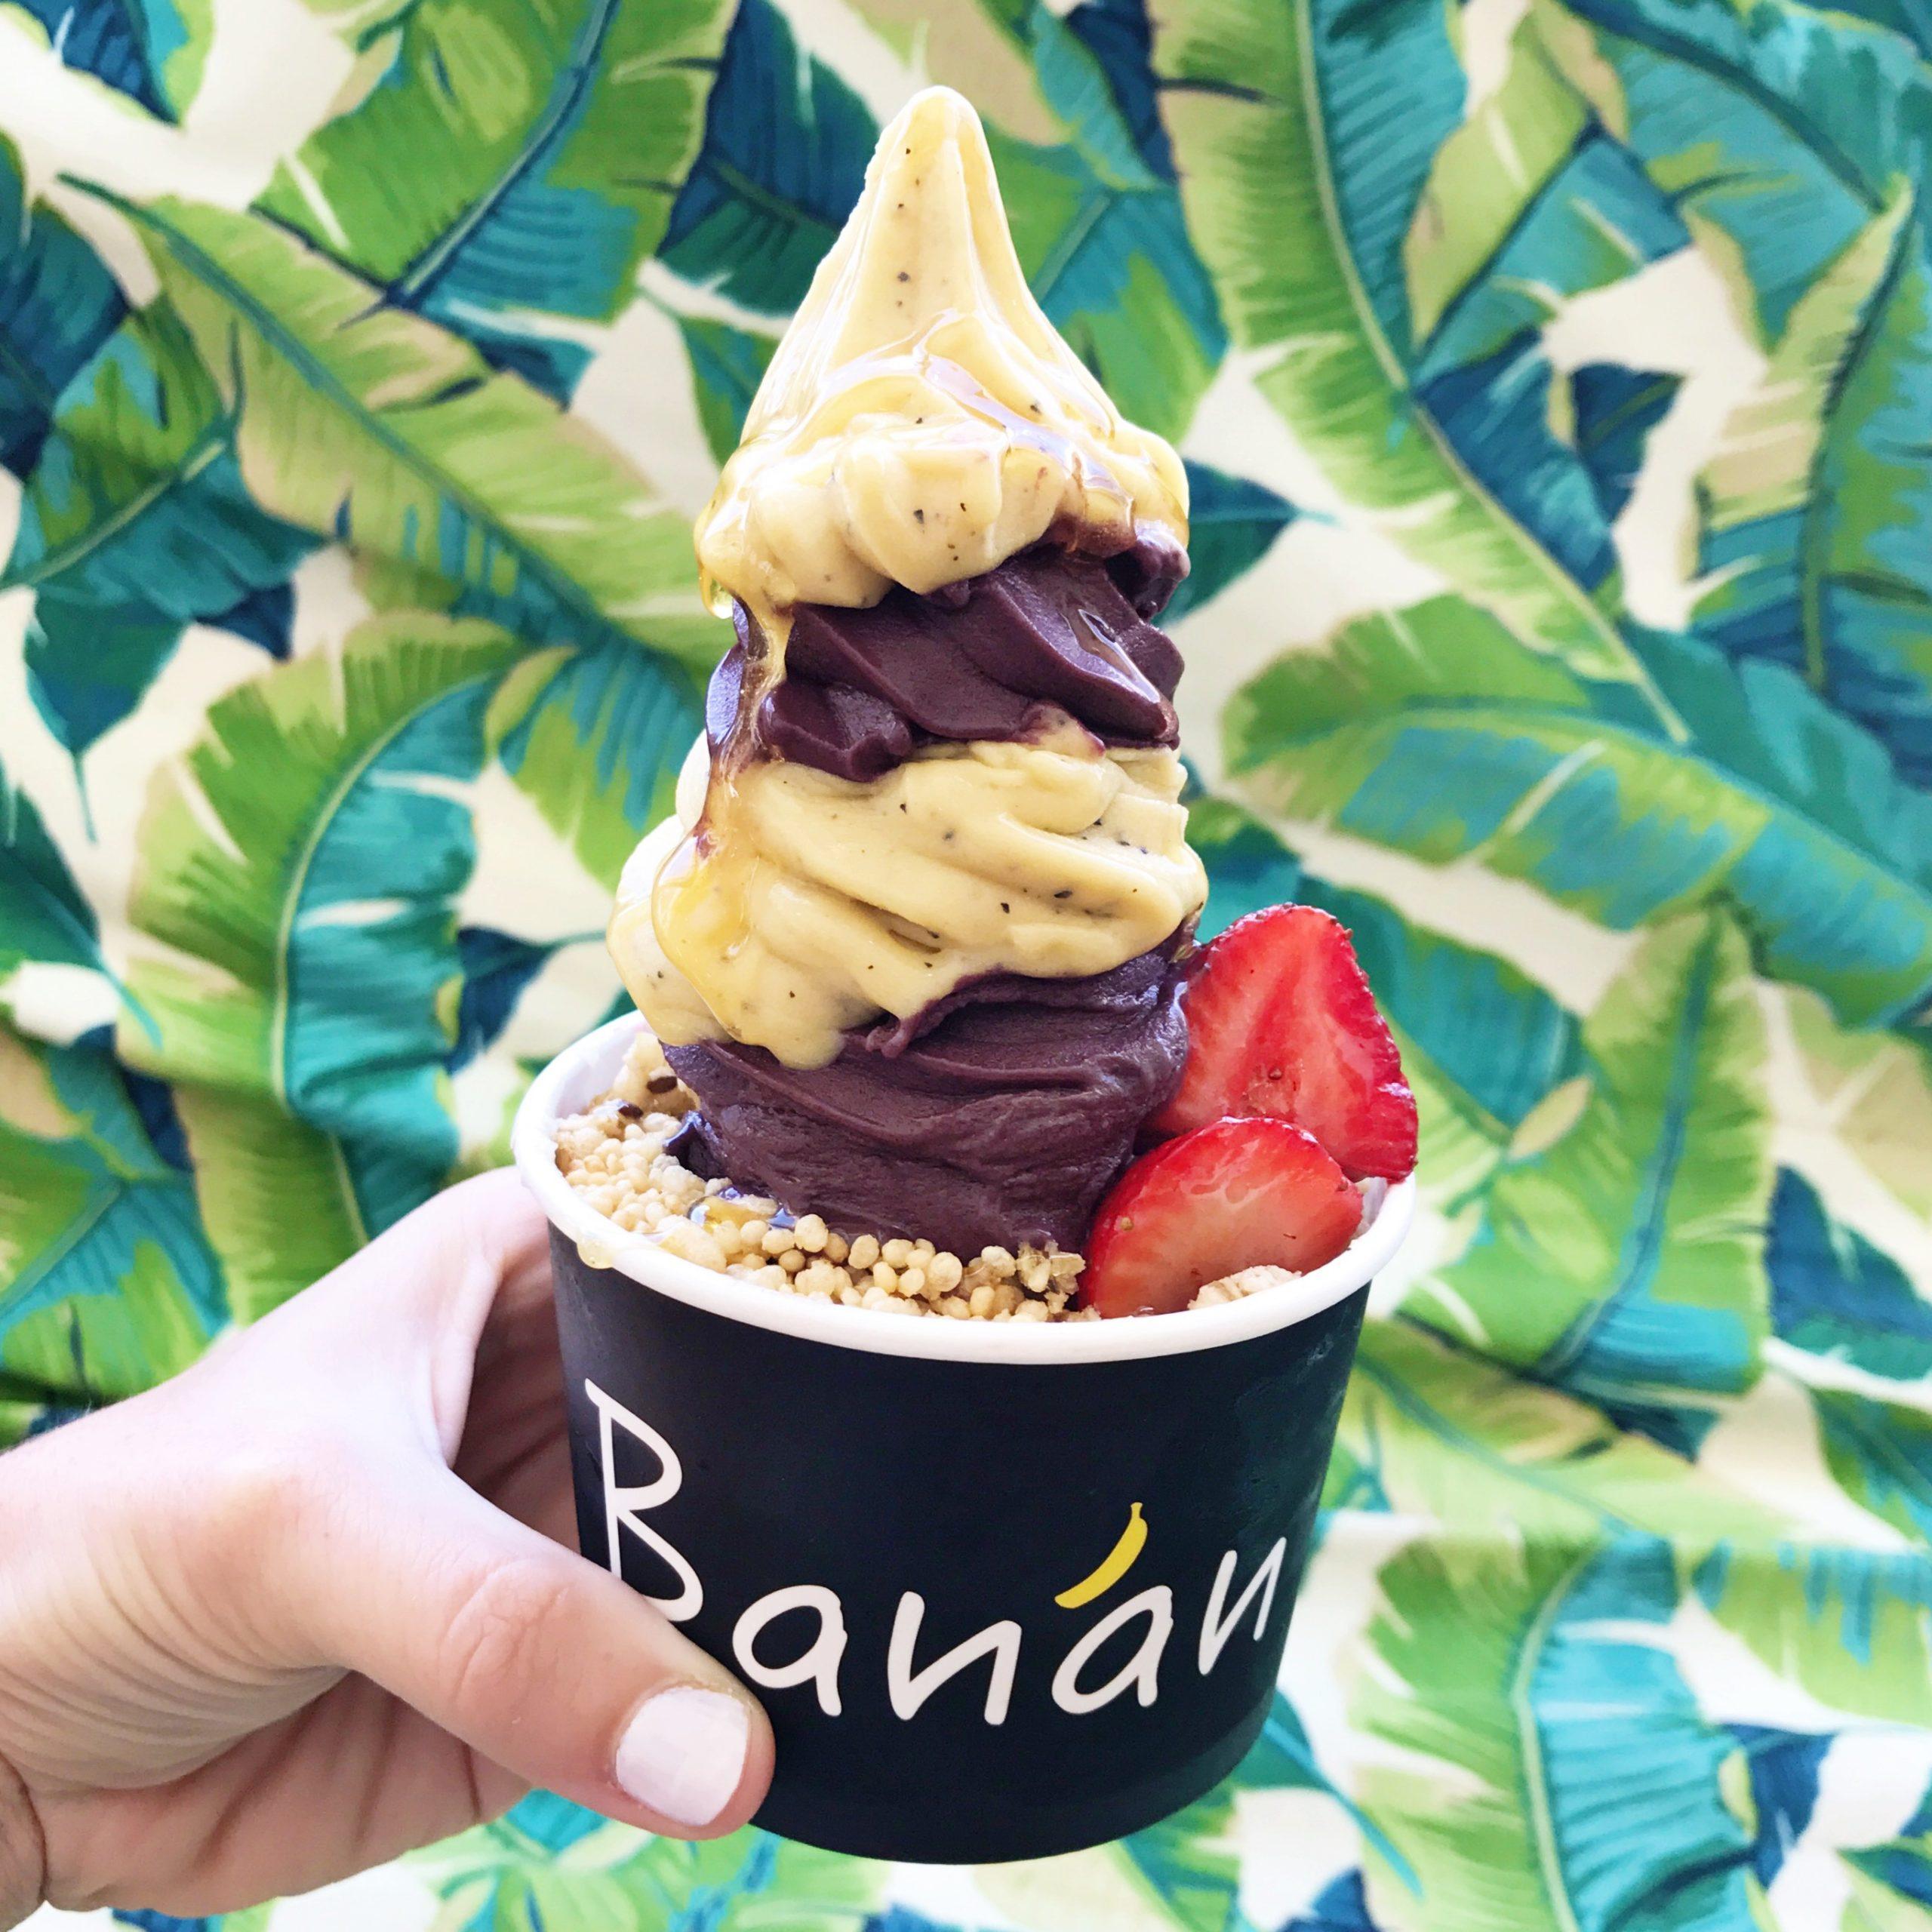 Vegetarian + Vegan Guide To Oahu - Sharing where to find the best vegetarian food and tastiest vegan meals on Oahu, Hawaii! | Vegetarian Restaurants Oahu - Best Vegetarian Restaurants Oahu - Vegetarian Oahu - Vegan Food Oahu - Vegetarian Food Hawaii